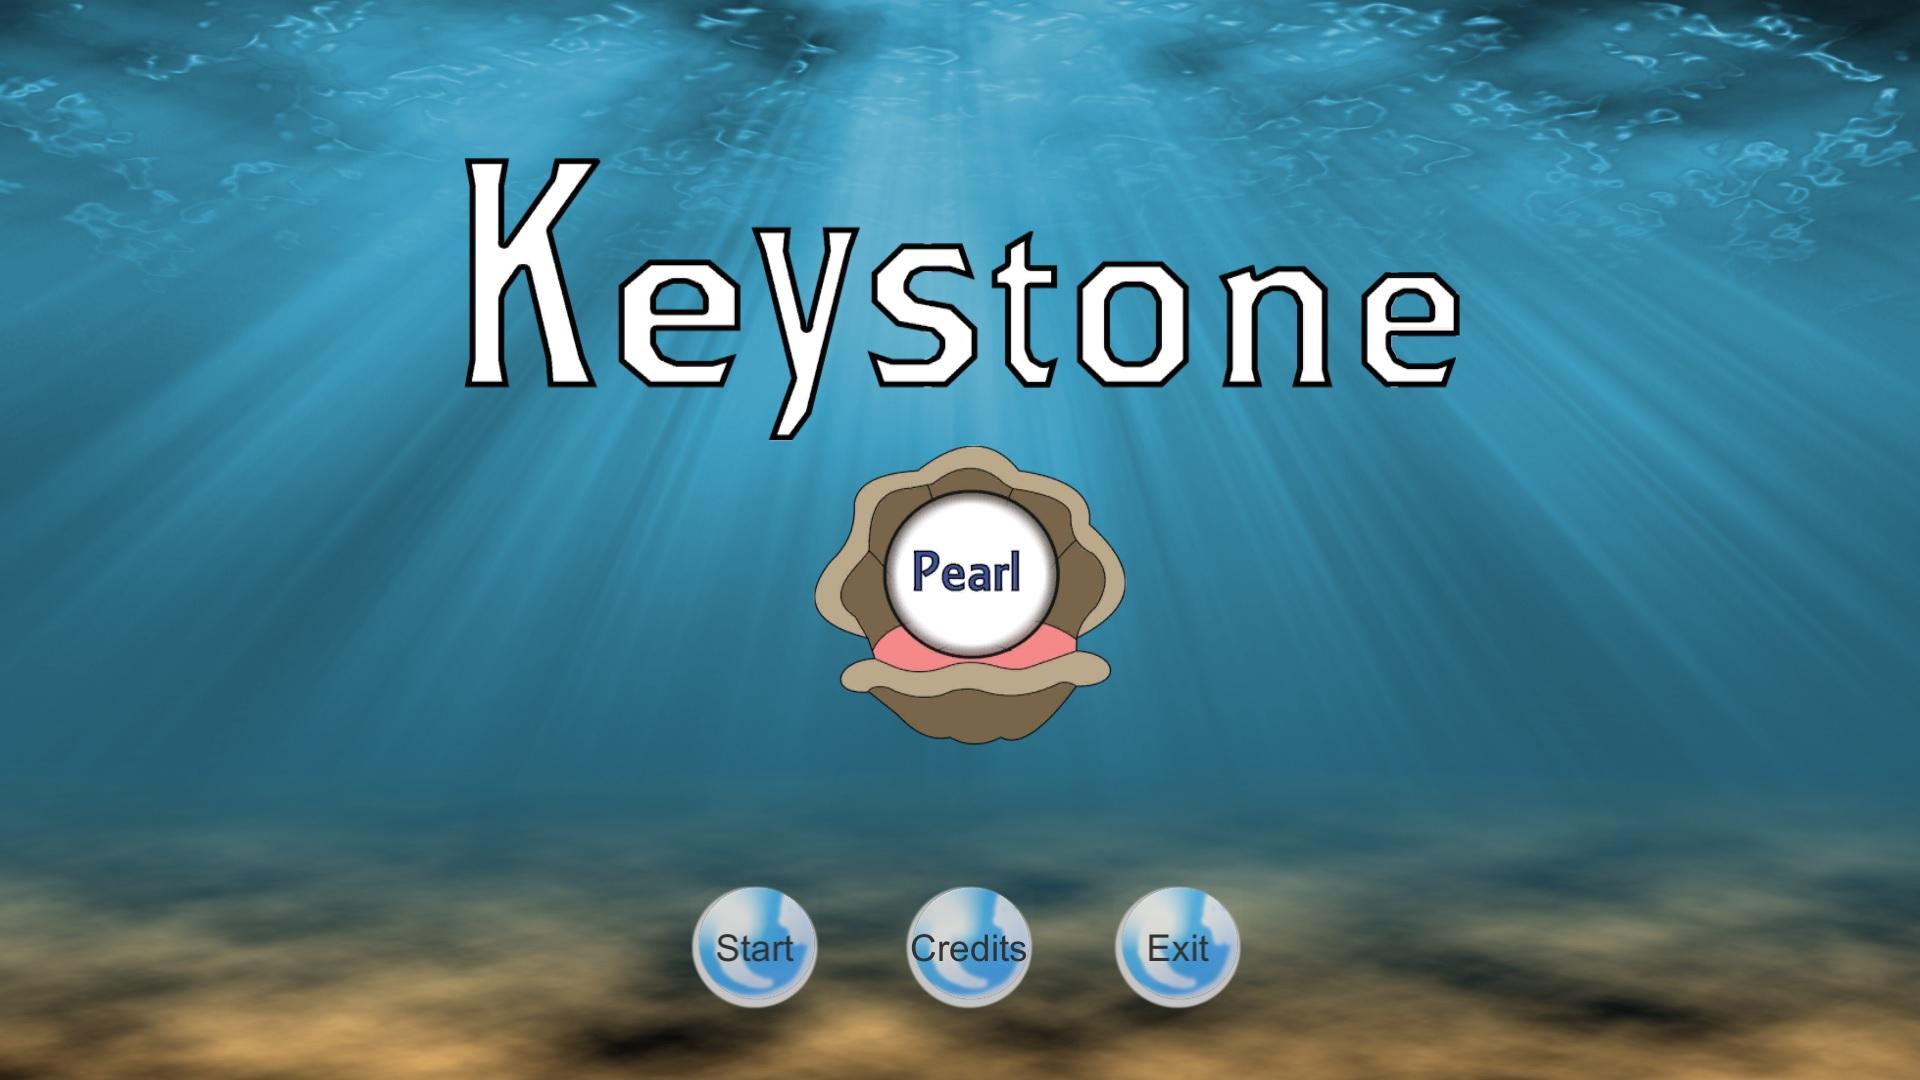 Keystone Pearl